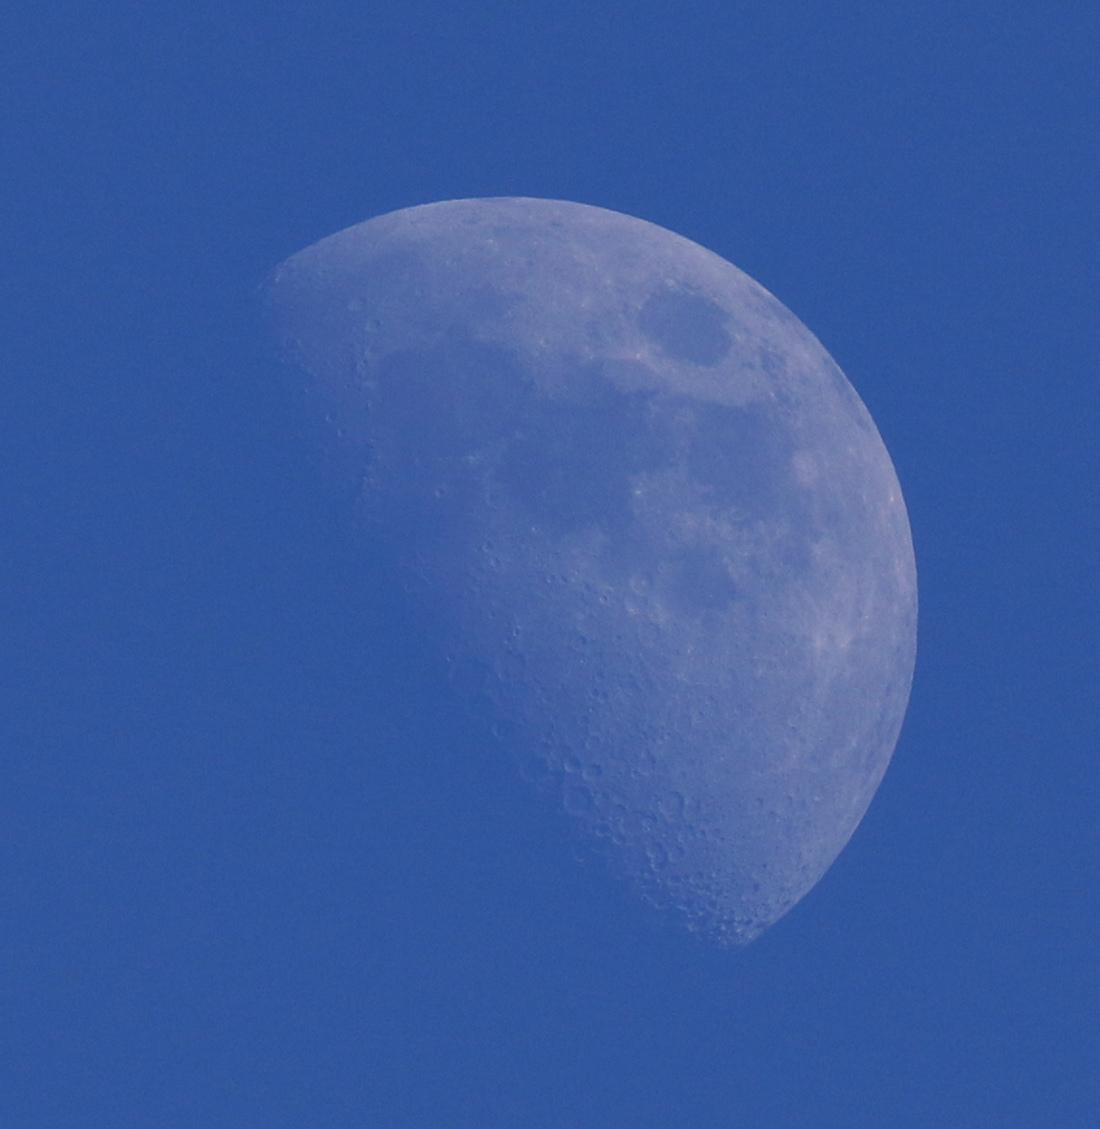 la lune le 08/08/2019 (40093)